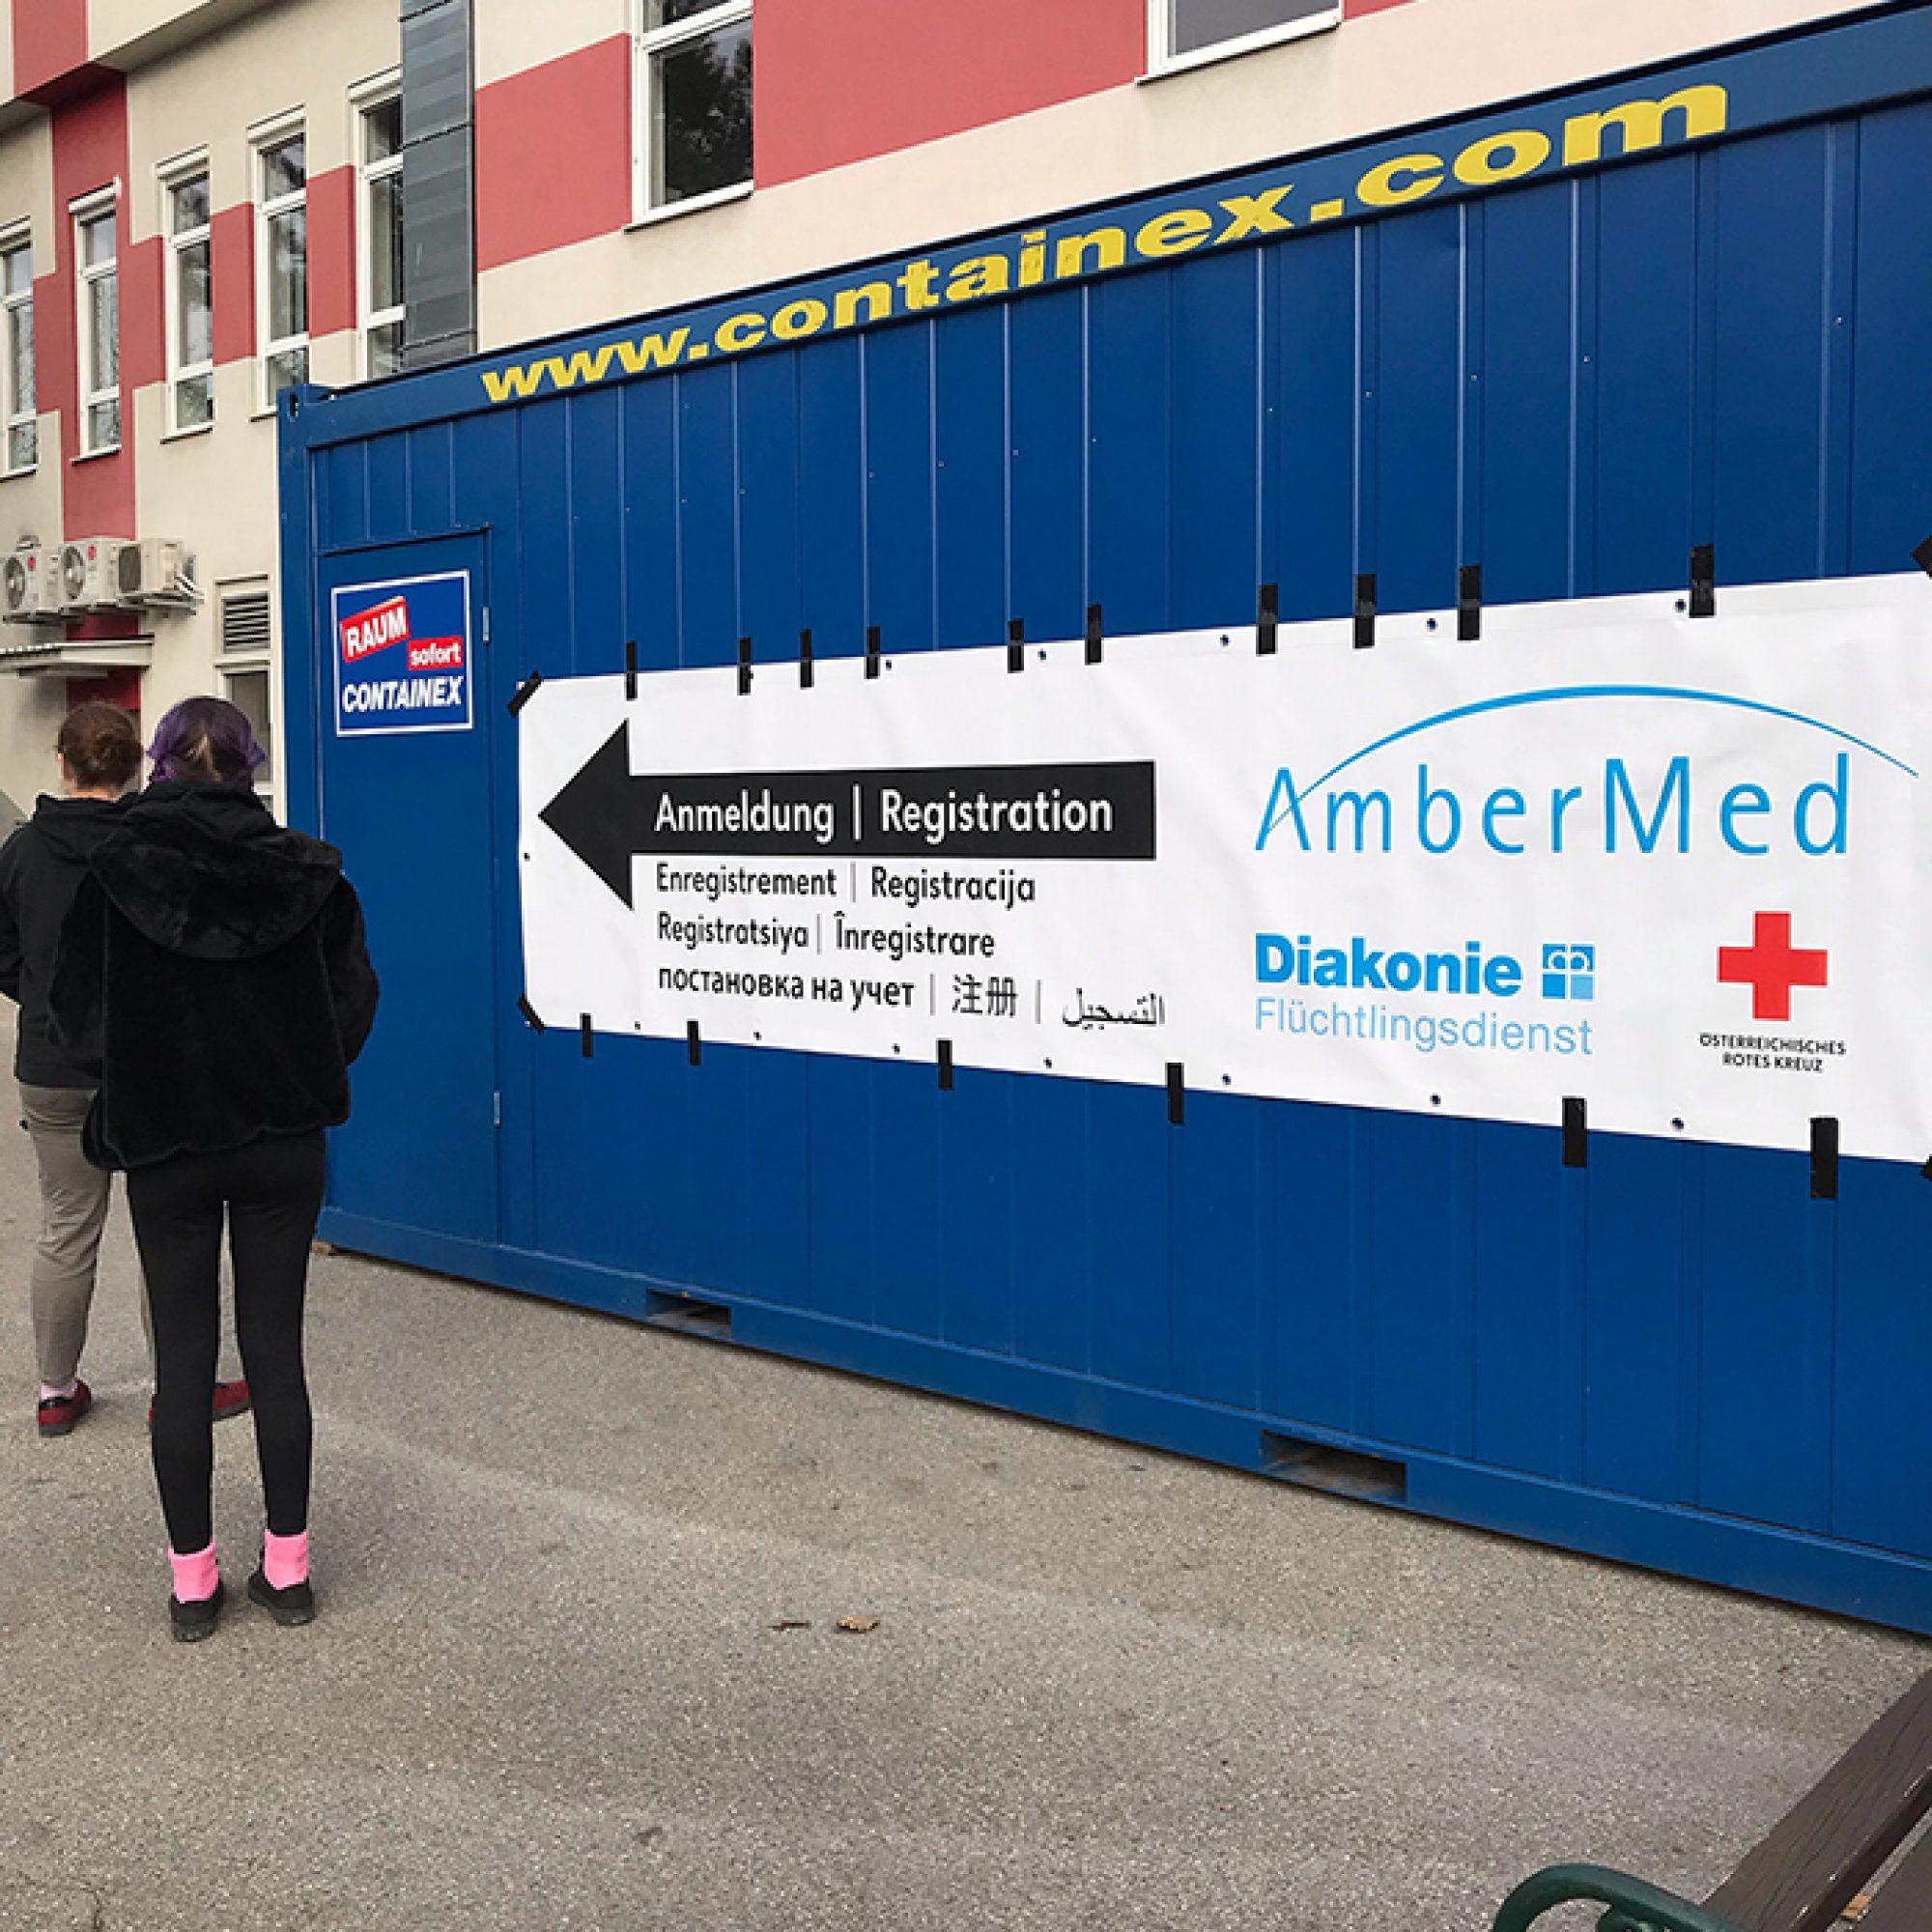 Patient*innen stehen vor dem Schnelltest-Container in der Schlange